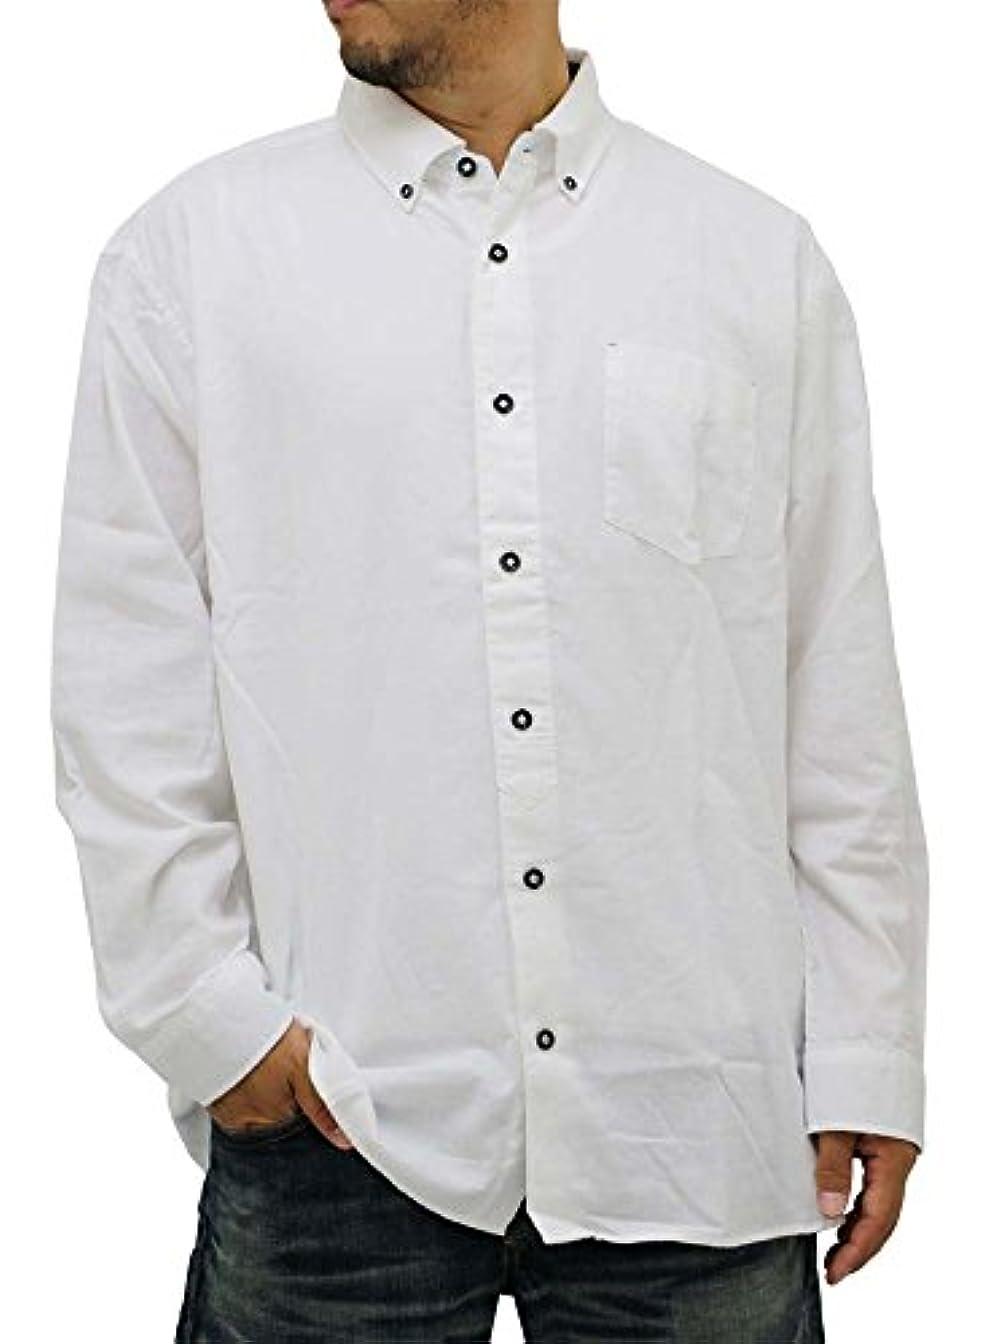 階層モッキンバード残酷(ルイシャブロン) LOUIS CHAVLON 大きいサイズ シャツ メンズ ボタンダウン 無地 長袖 起毛 モノトーン 2color